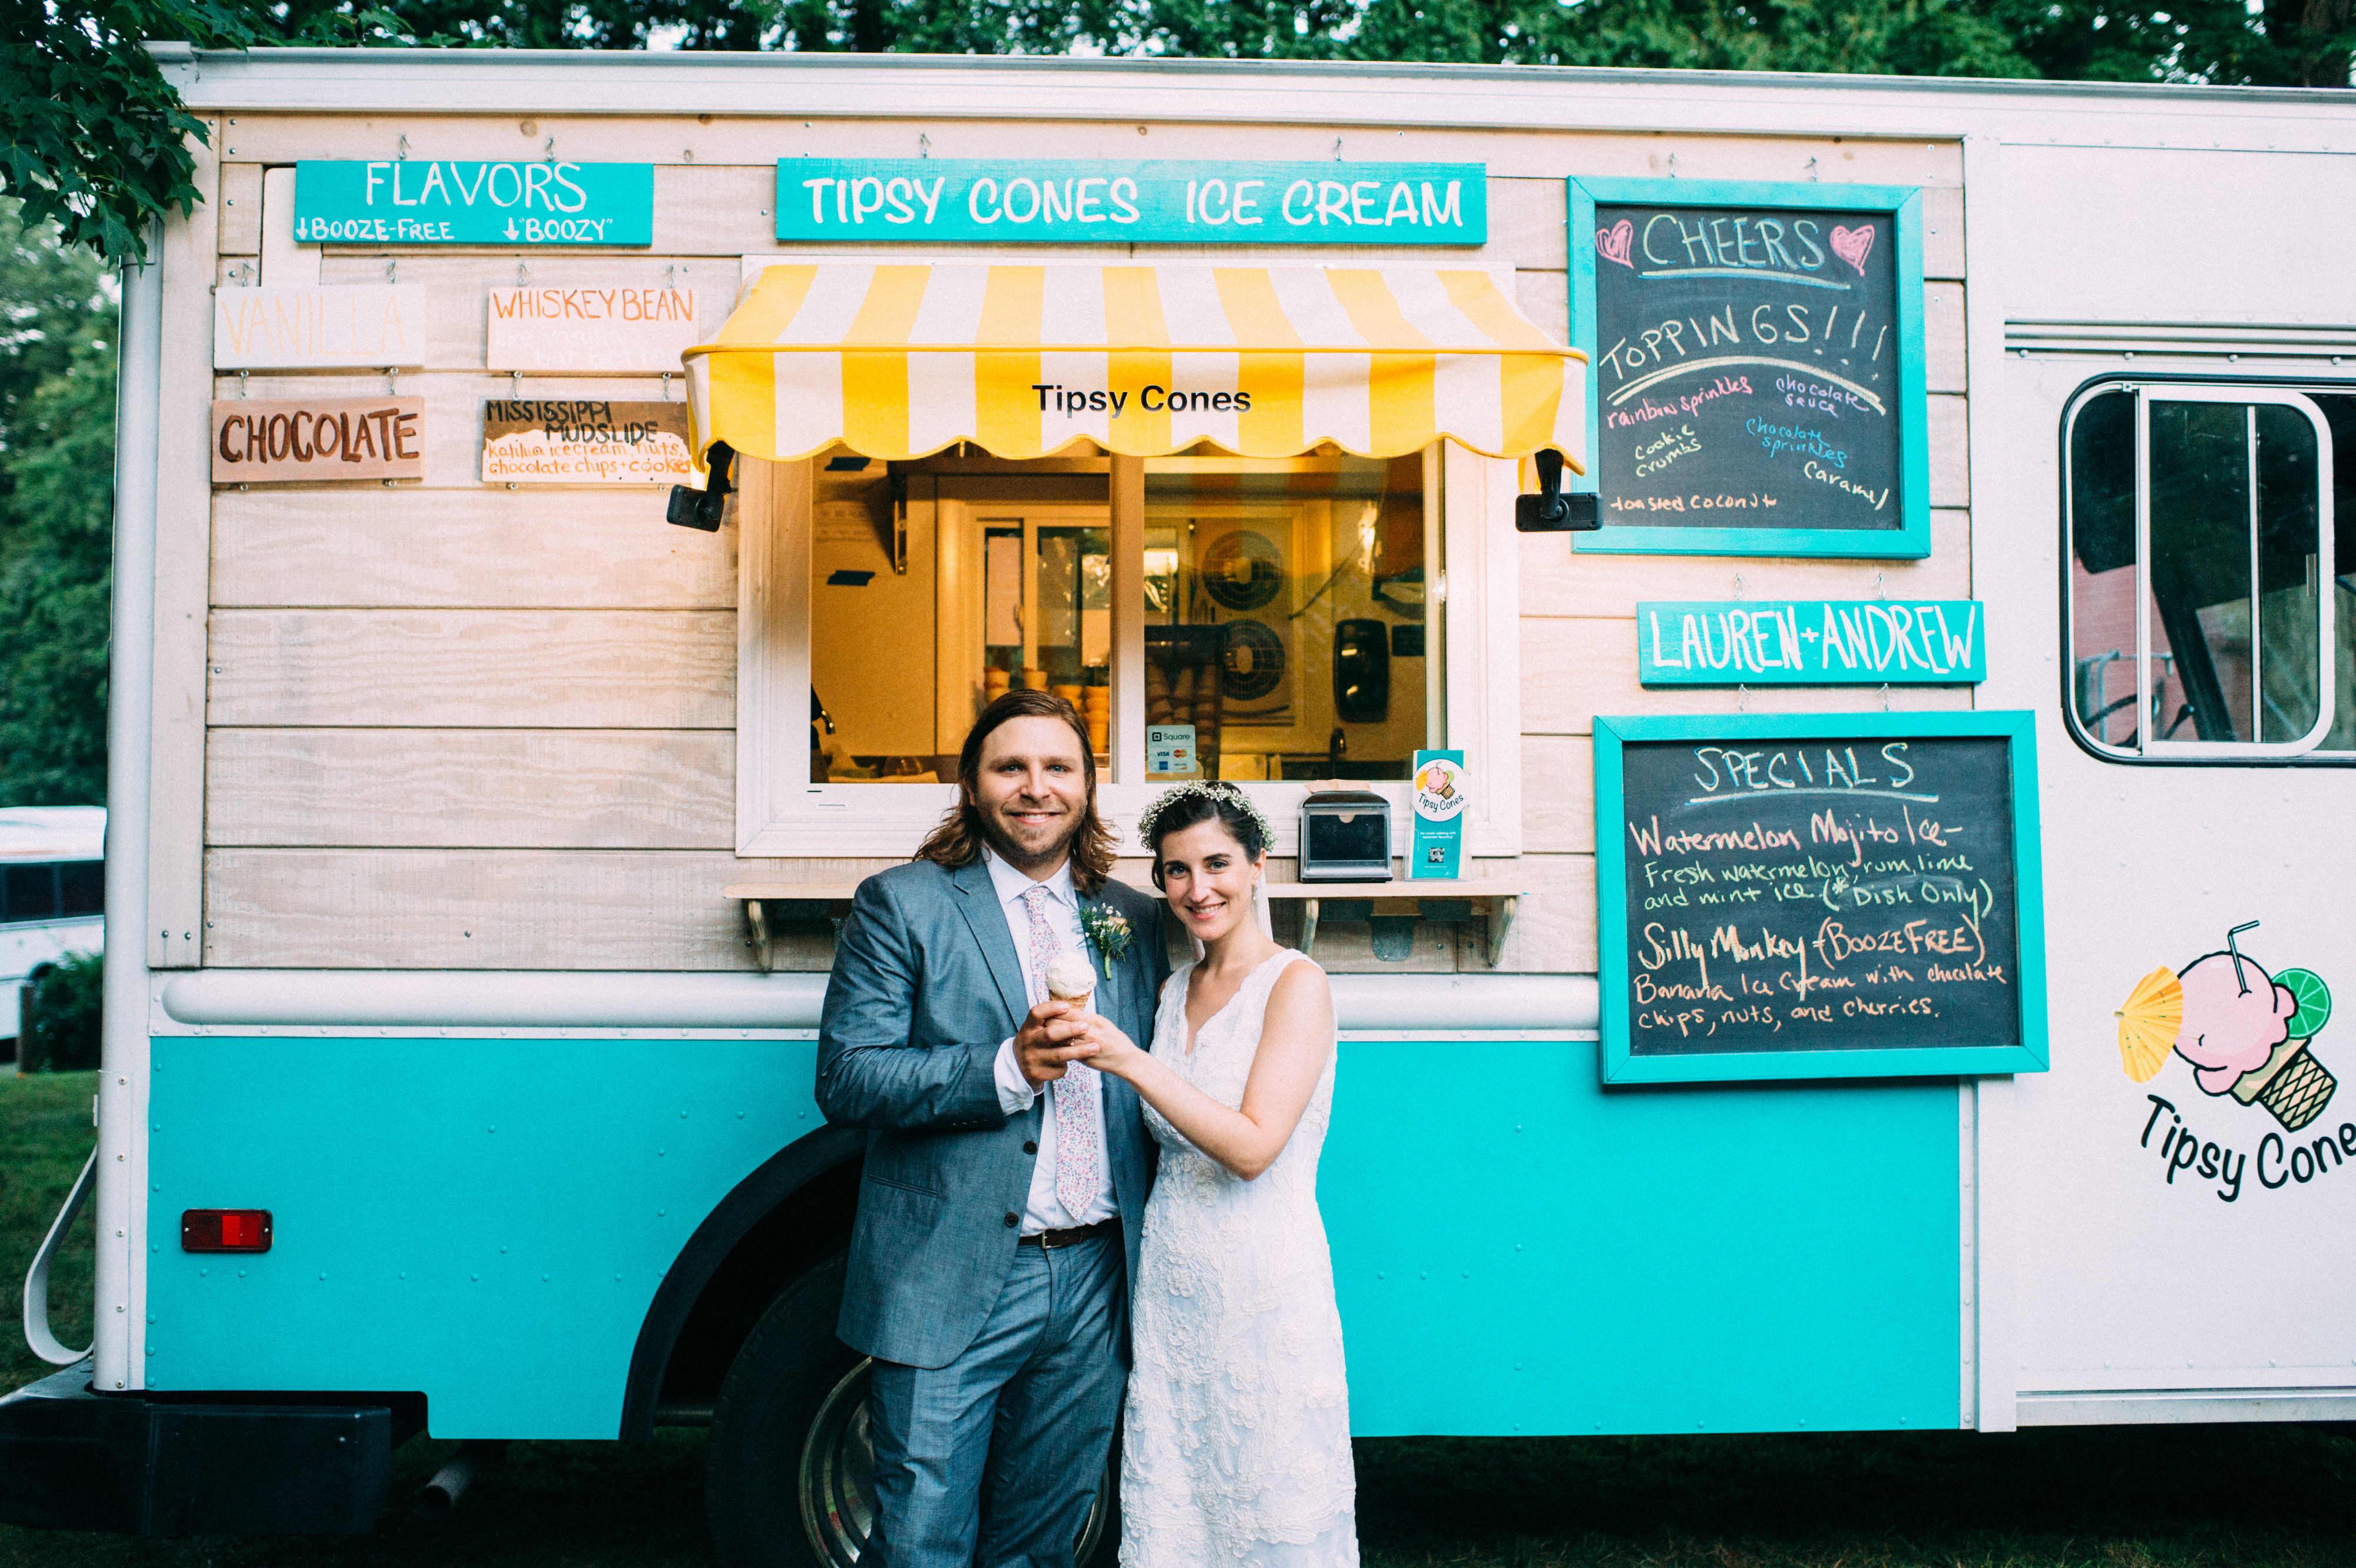 Drew and Lauren in Front of Ice Cream Truck